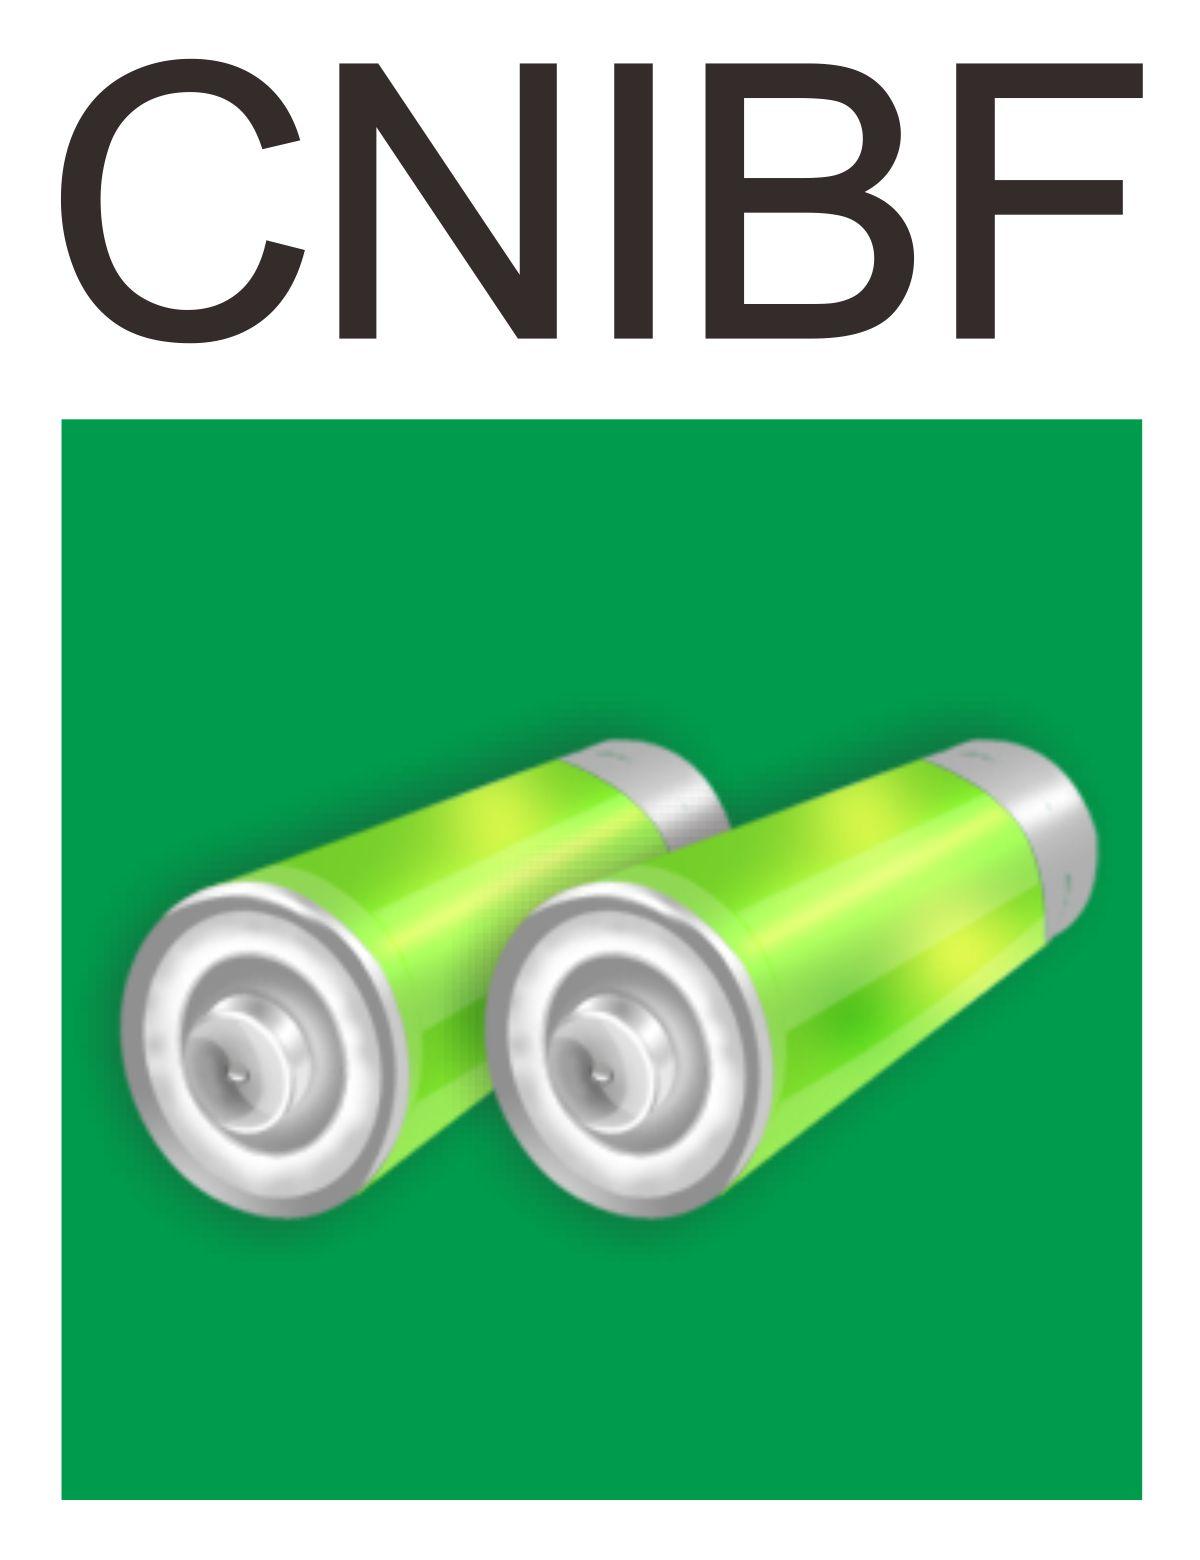 第七届中国(上海)国际锂电工业展览会